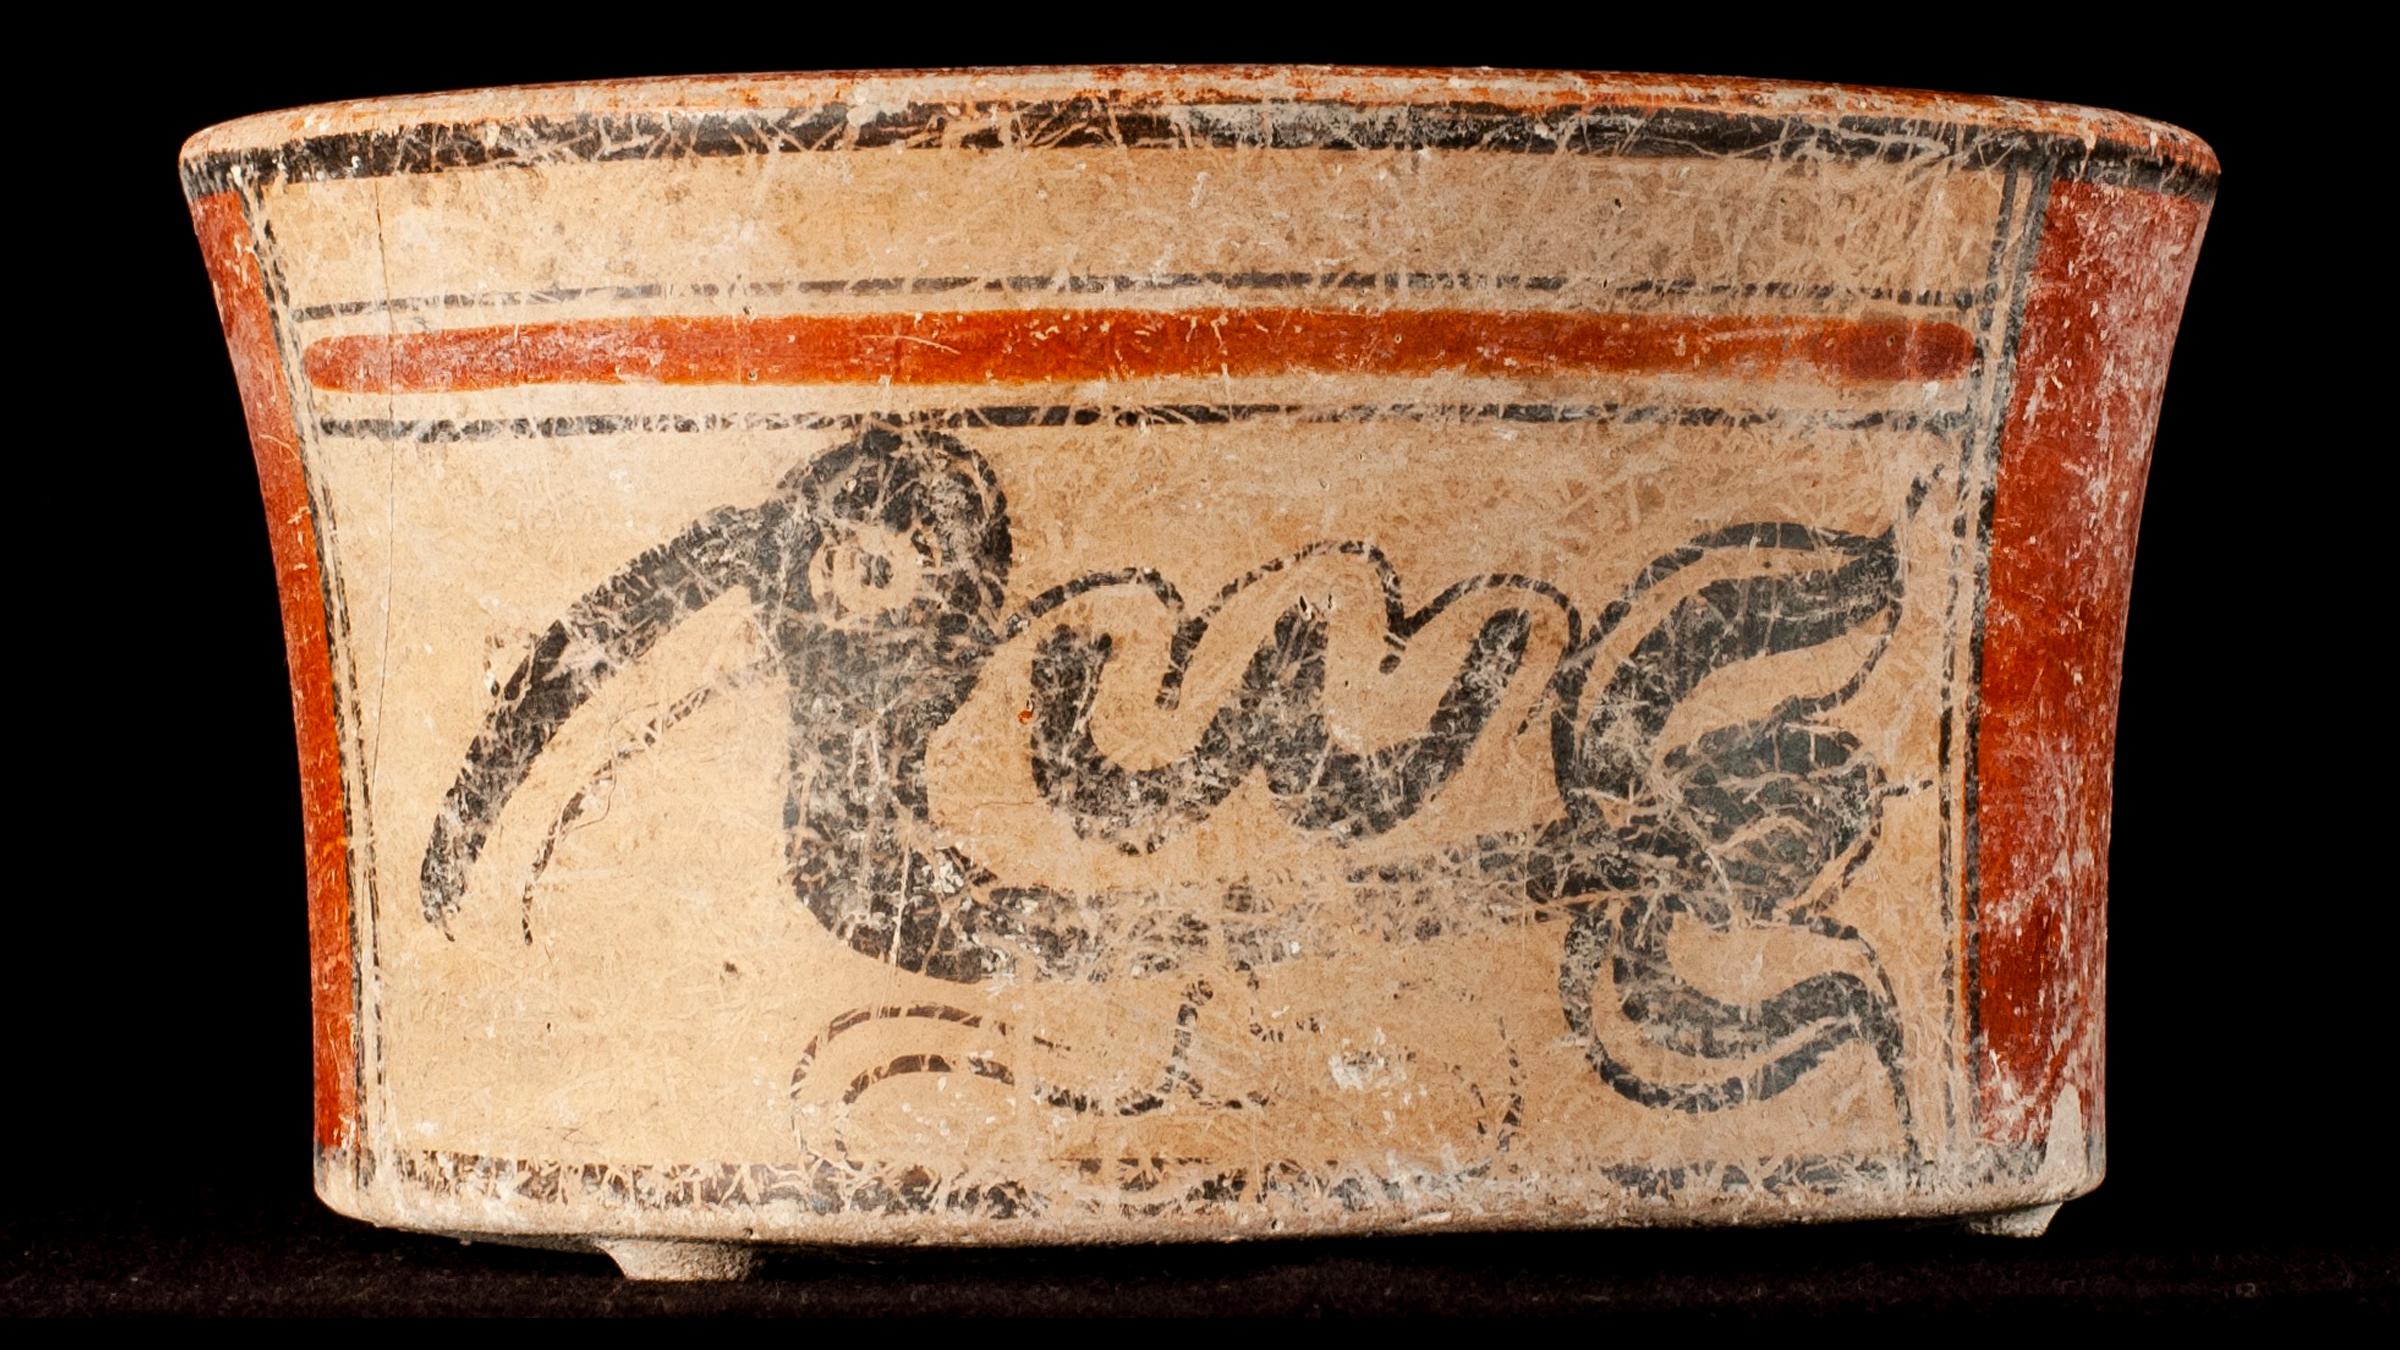 Malgré le statut d'élite de l'homme, seuls deux navires ont été trouvés dans son enterrement, dont celui-ci représentant un oiseau ressemblant à un cormoran.